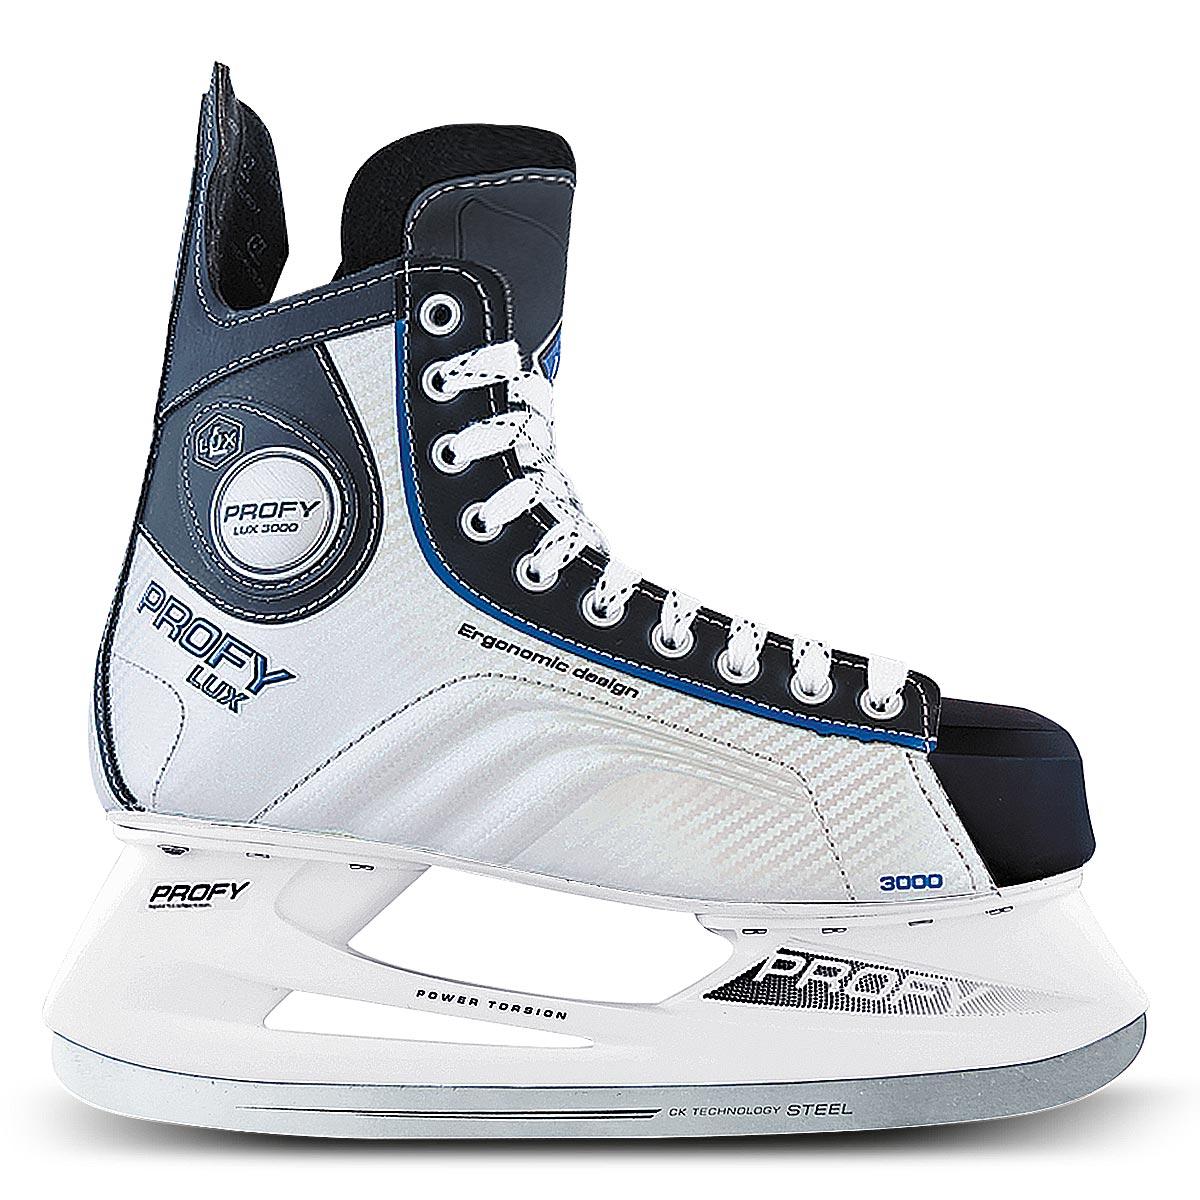 Коньки хоккейные мужские СК Profy Lux 3000, цвет: черный, серебряный, синий. Размер 46PROFY LUX 3000 Blue_46Стильные мужские коньки от CK Profy Lux 3000 Blue прекрасно подойдут для начинающих игроков в хоккей. Ботинок выполнен из морозоустойчивой искусственной кожи и резистентного ПВХ. Мыс дополнен вставкой, которая защитит ноги от ударов. Внутренний слой и стелька изготовлены из мягкого трикотажа, который обеспечит тепло и комфорт во время катания, язычок - из войлока. Плотная шнуровка надежно фиксирует модель на ноге. Голеностоп имеет удобный суппорт. По бокам, на язычке и заднике коньки декорированы принтом и тиснением в виде логотипа бренда. Подошва - из твердого пластика. Стойка выполнена из ударопрочного поливинилхлорида. Лезвие из углеродистой нержавеющей стали обеспечит превосходное скольжение.